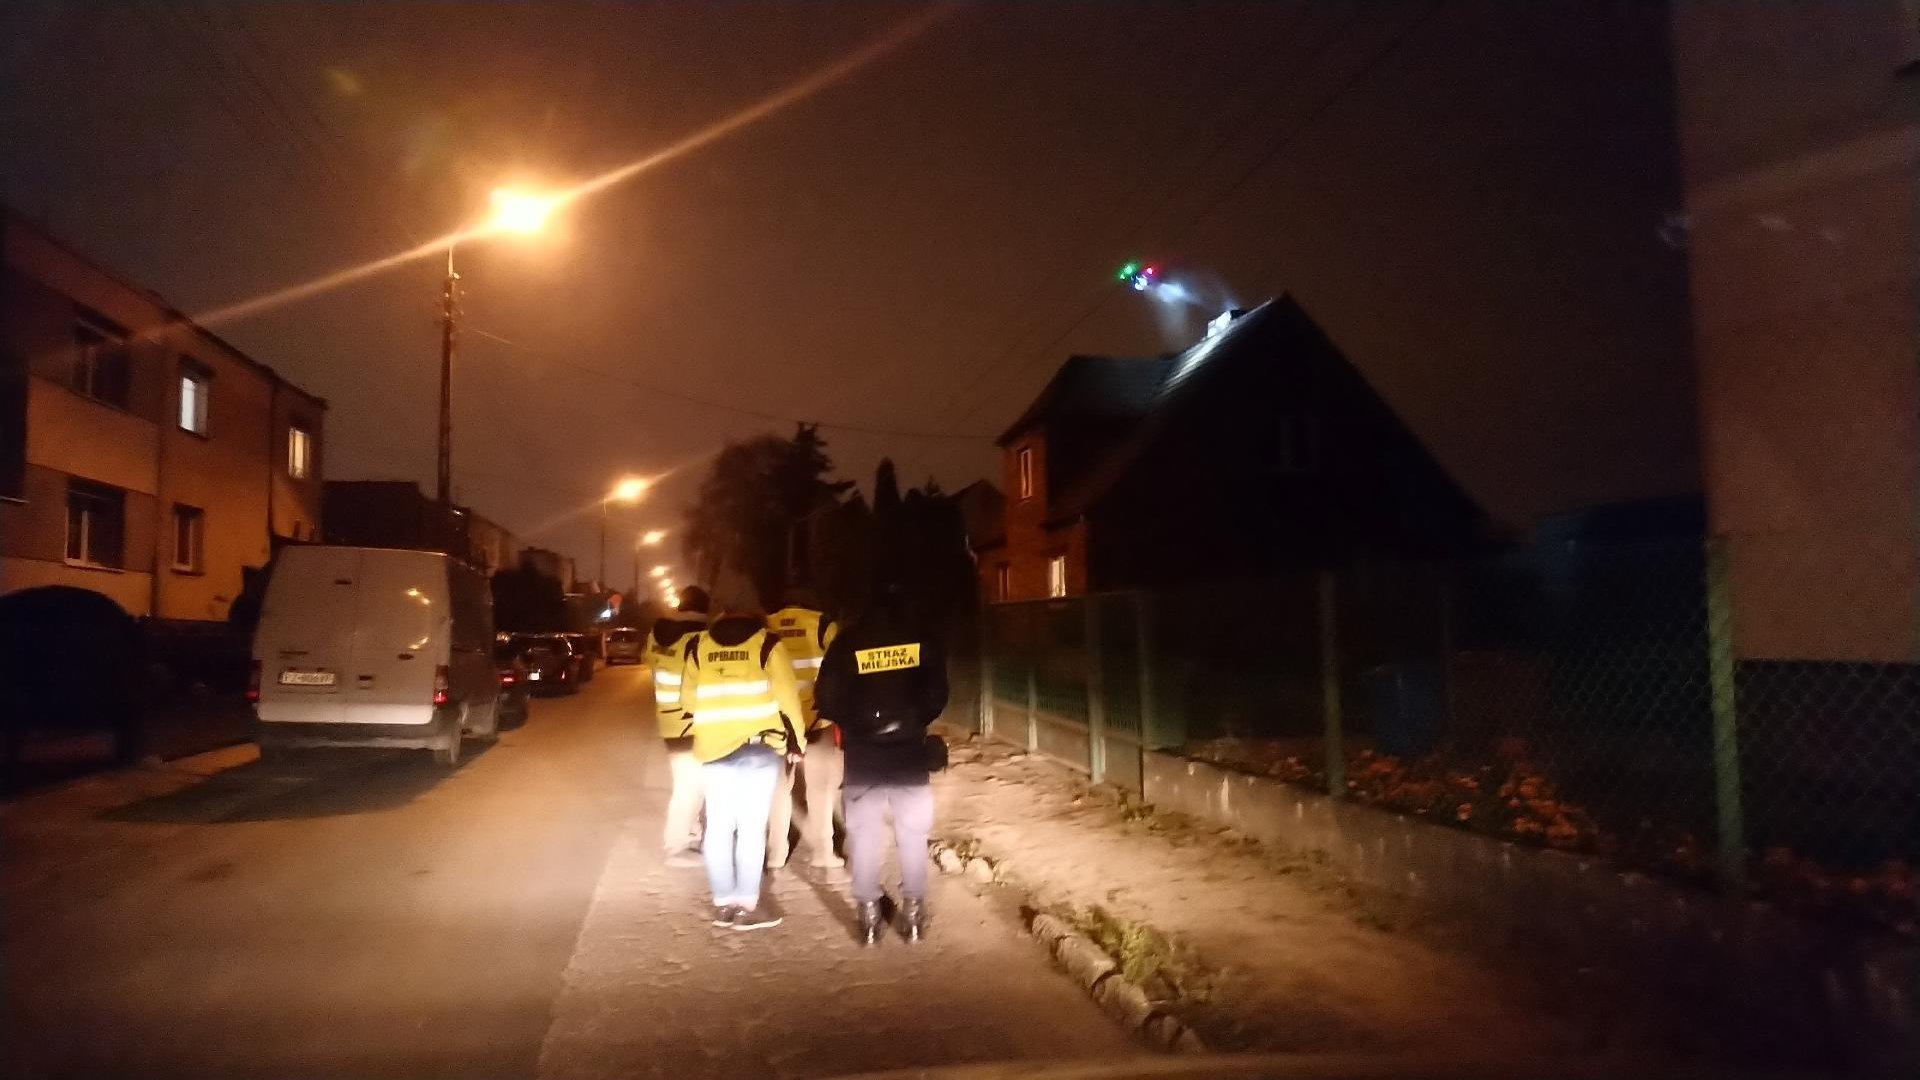 Zdjęcie przedstawia drona, latającego nad budynkami po zmroku. Na chodniku stoją osoby obsługujące drona w odblaskowych kamizelkach i strażnicy miejscy. - grafika artykułu